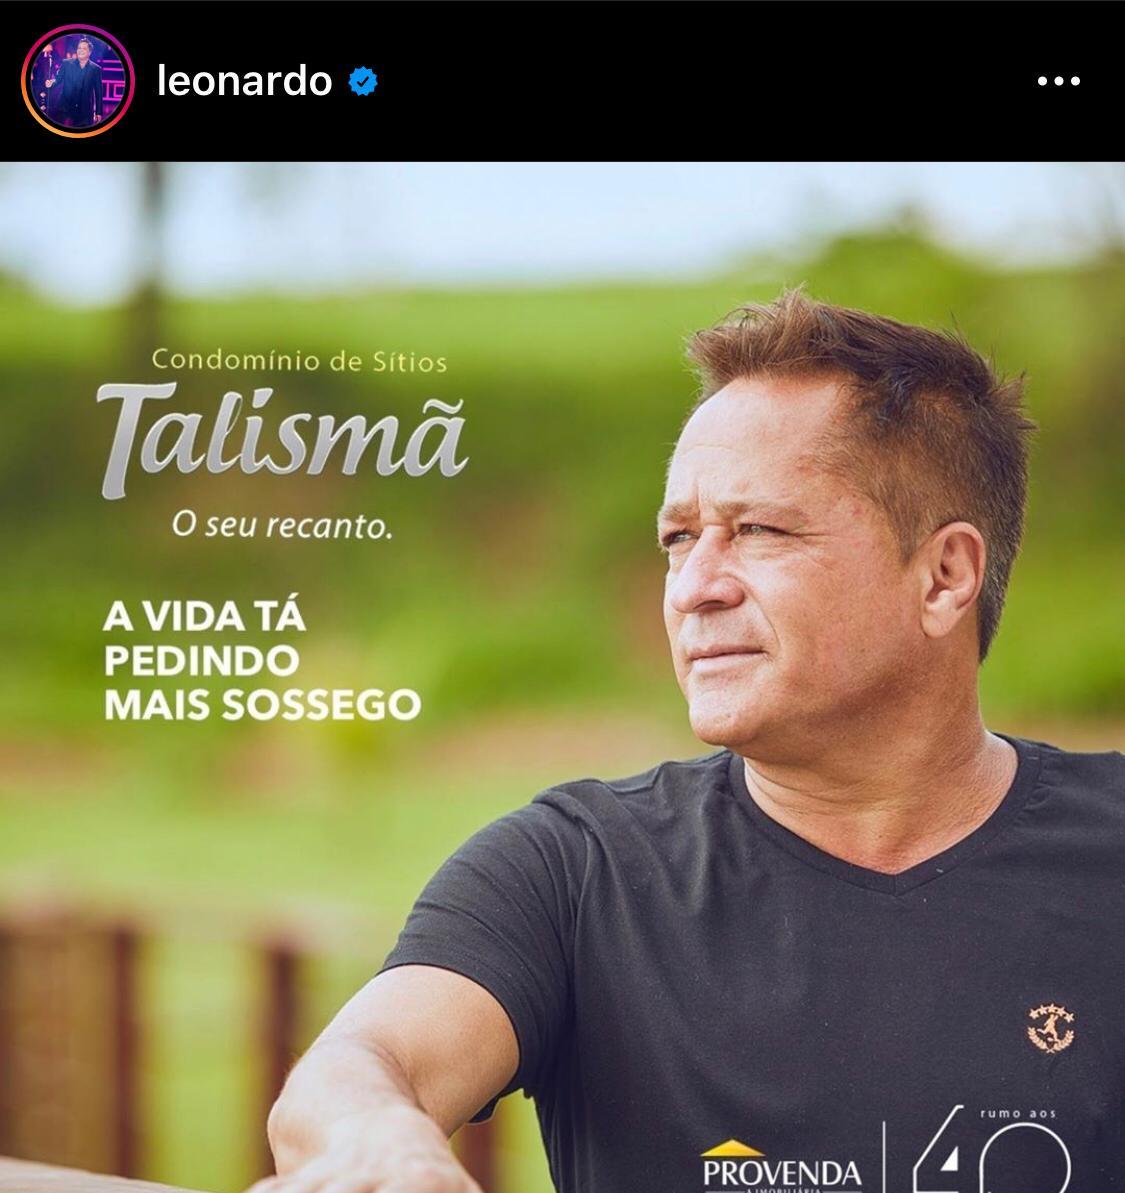 Leonardo em anúncio de condomínio (Foto: Reprodução)